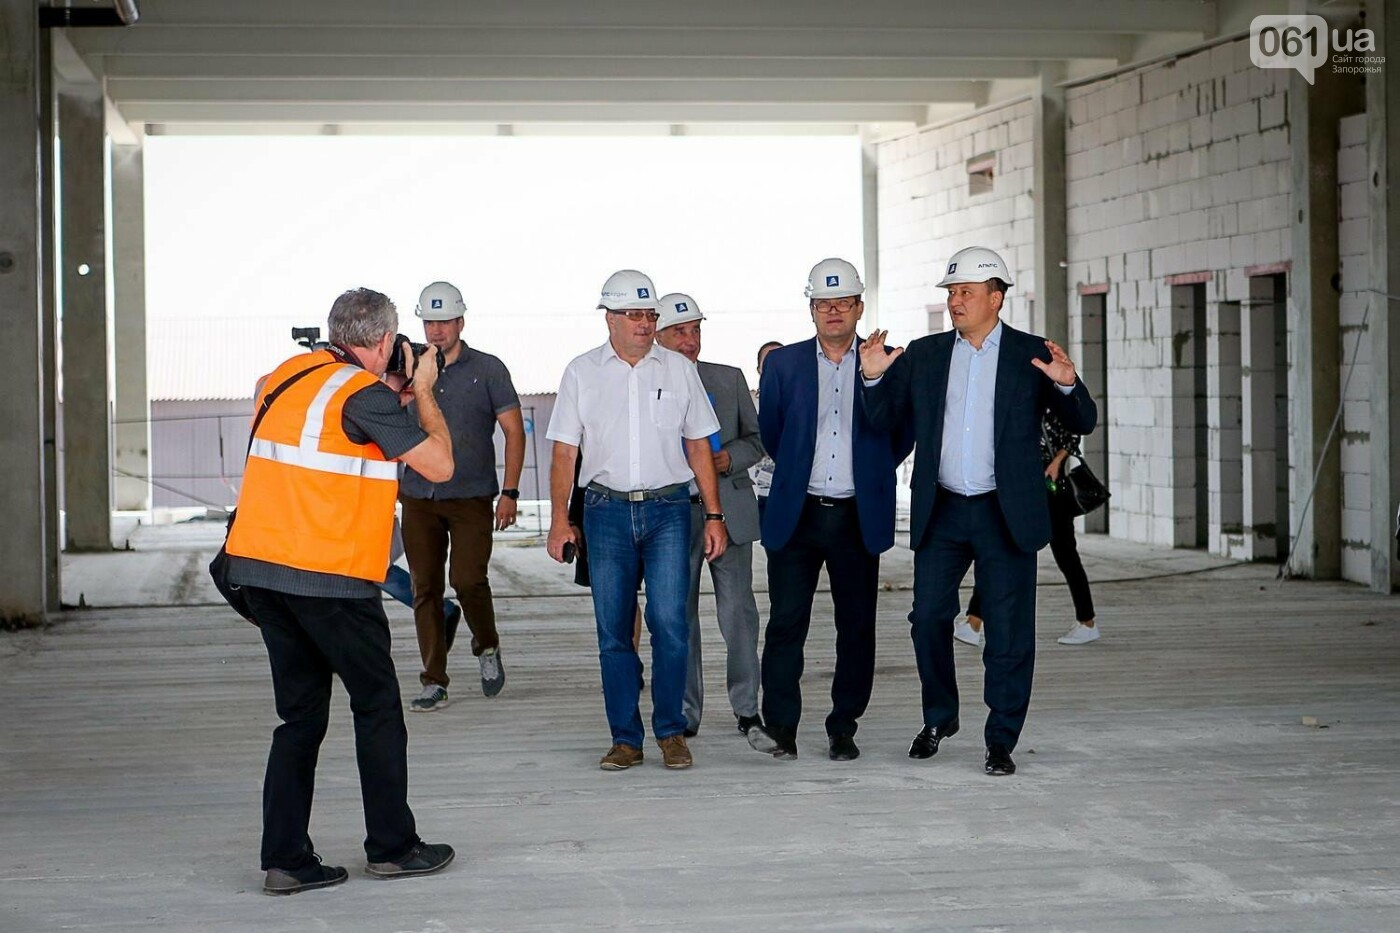 Как идет строительство нового терминала аэропорта Запорожья 28